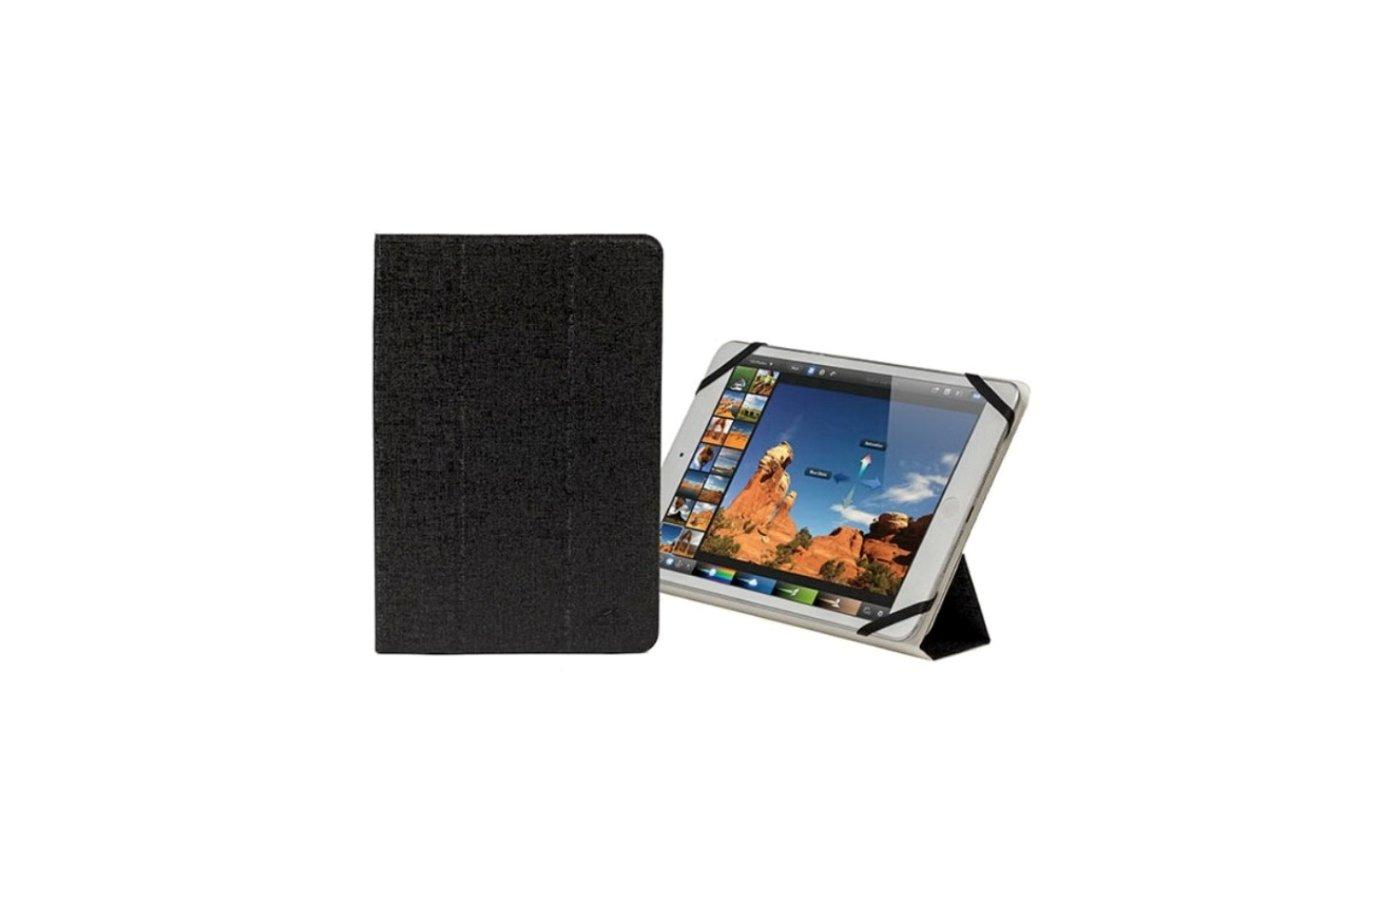 Чехол для планшетного ПК Riva Case 3122 black/white универсальный для планшета 7-8